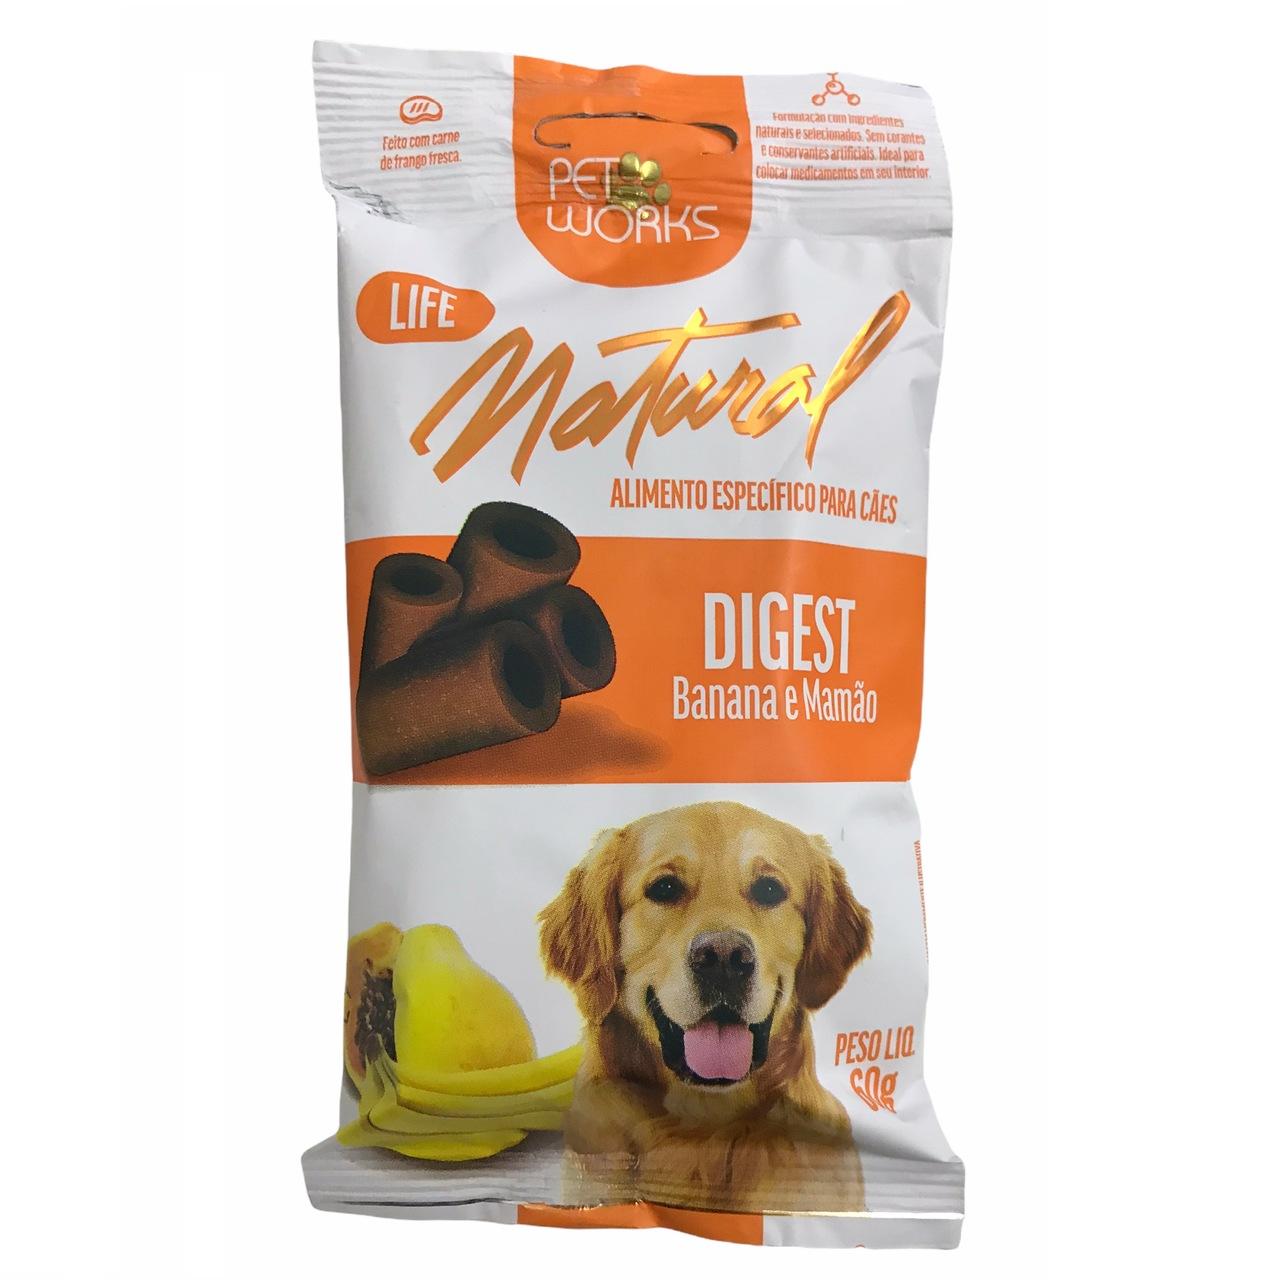 Petisco para Cães Life Natural Digest 60g - Pet Works